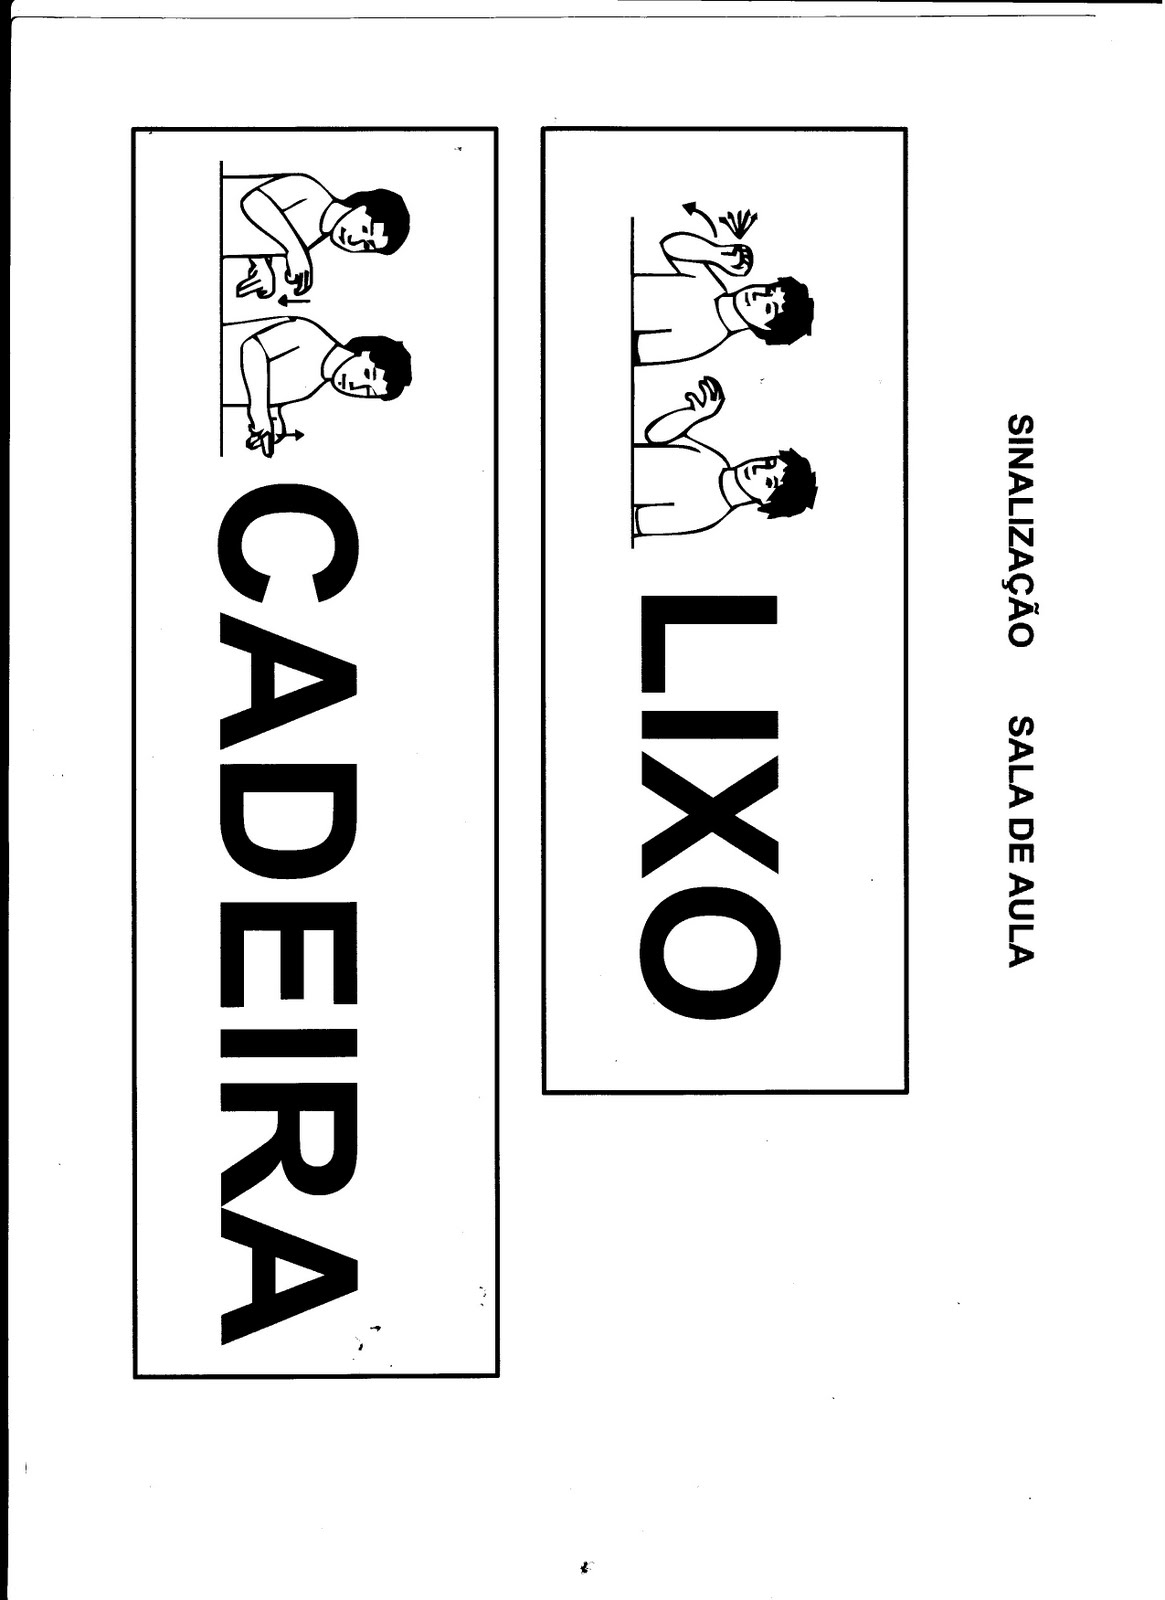 Viva a inclusão!: Sinalização da sala de aula em LIBRAS #666666 1165 1600